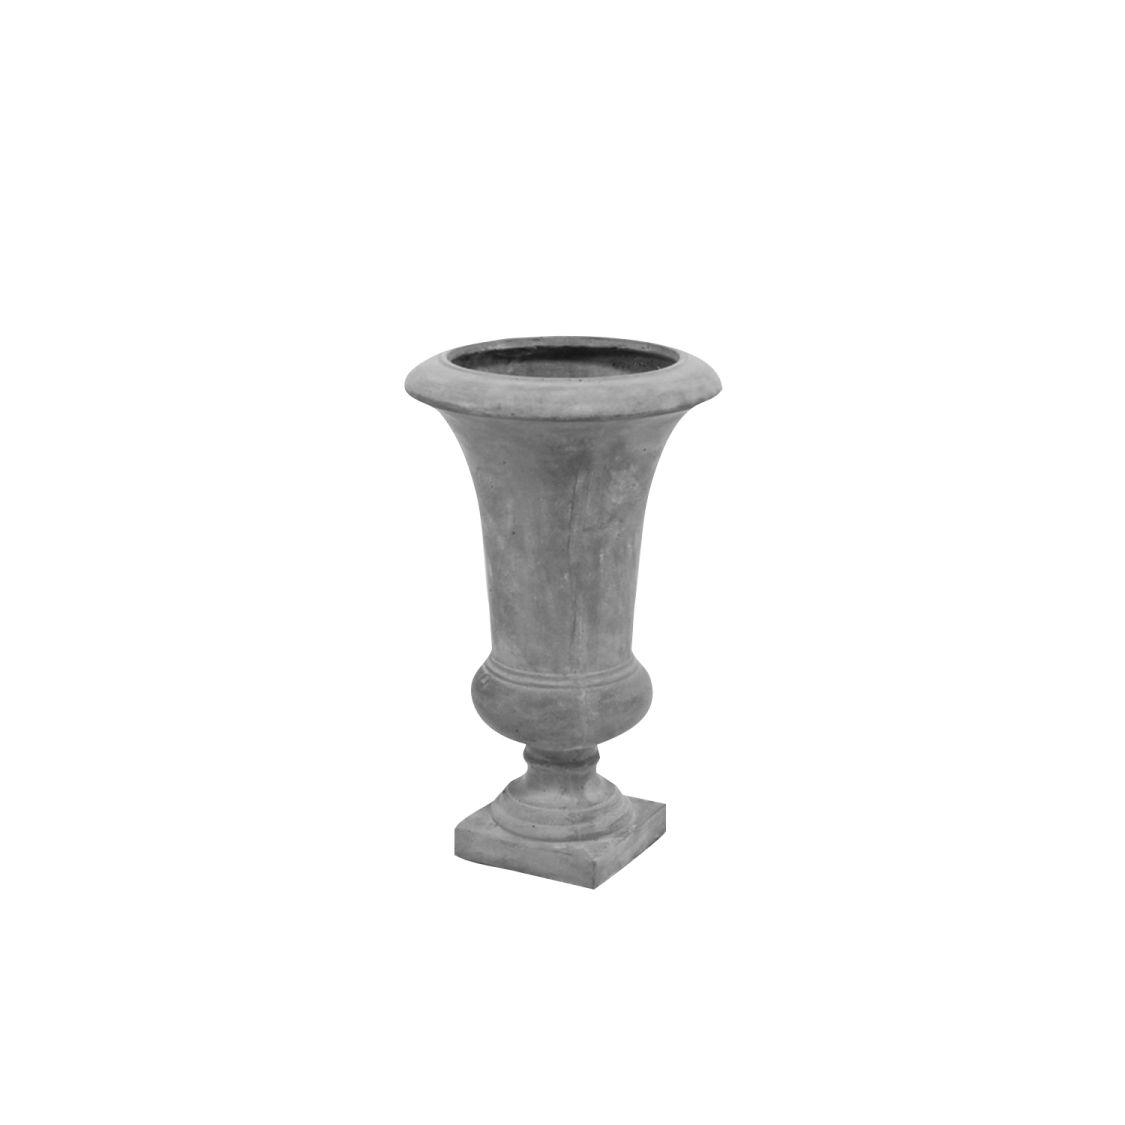 61 cm, Französische Vase/Pflanzgefäß/Amphore 61 cm